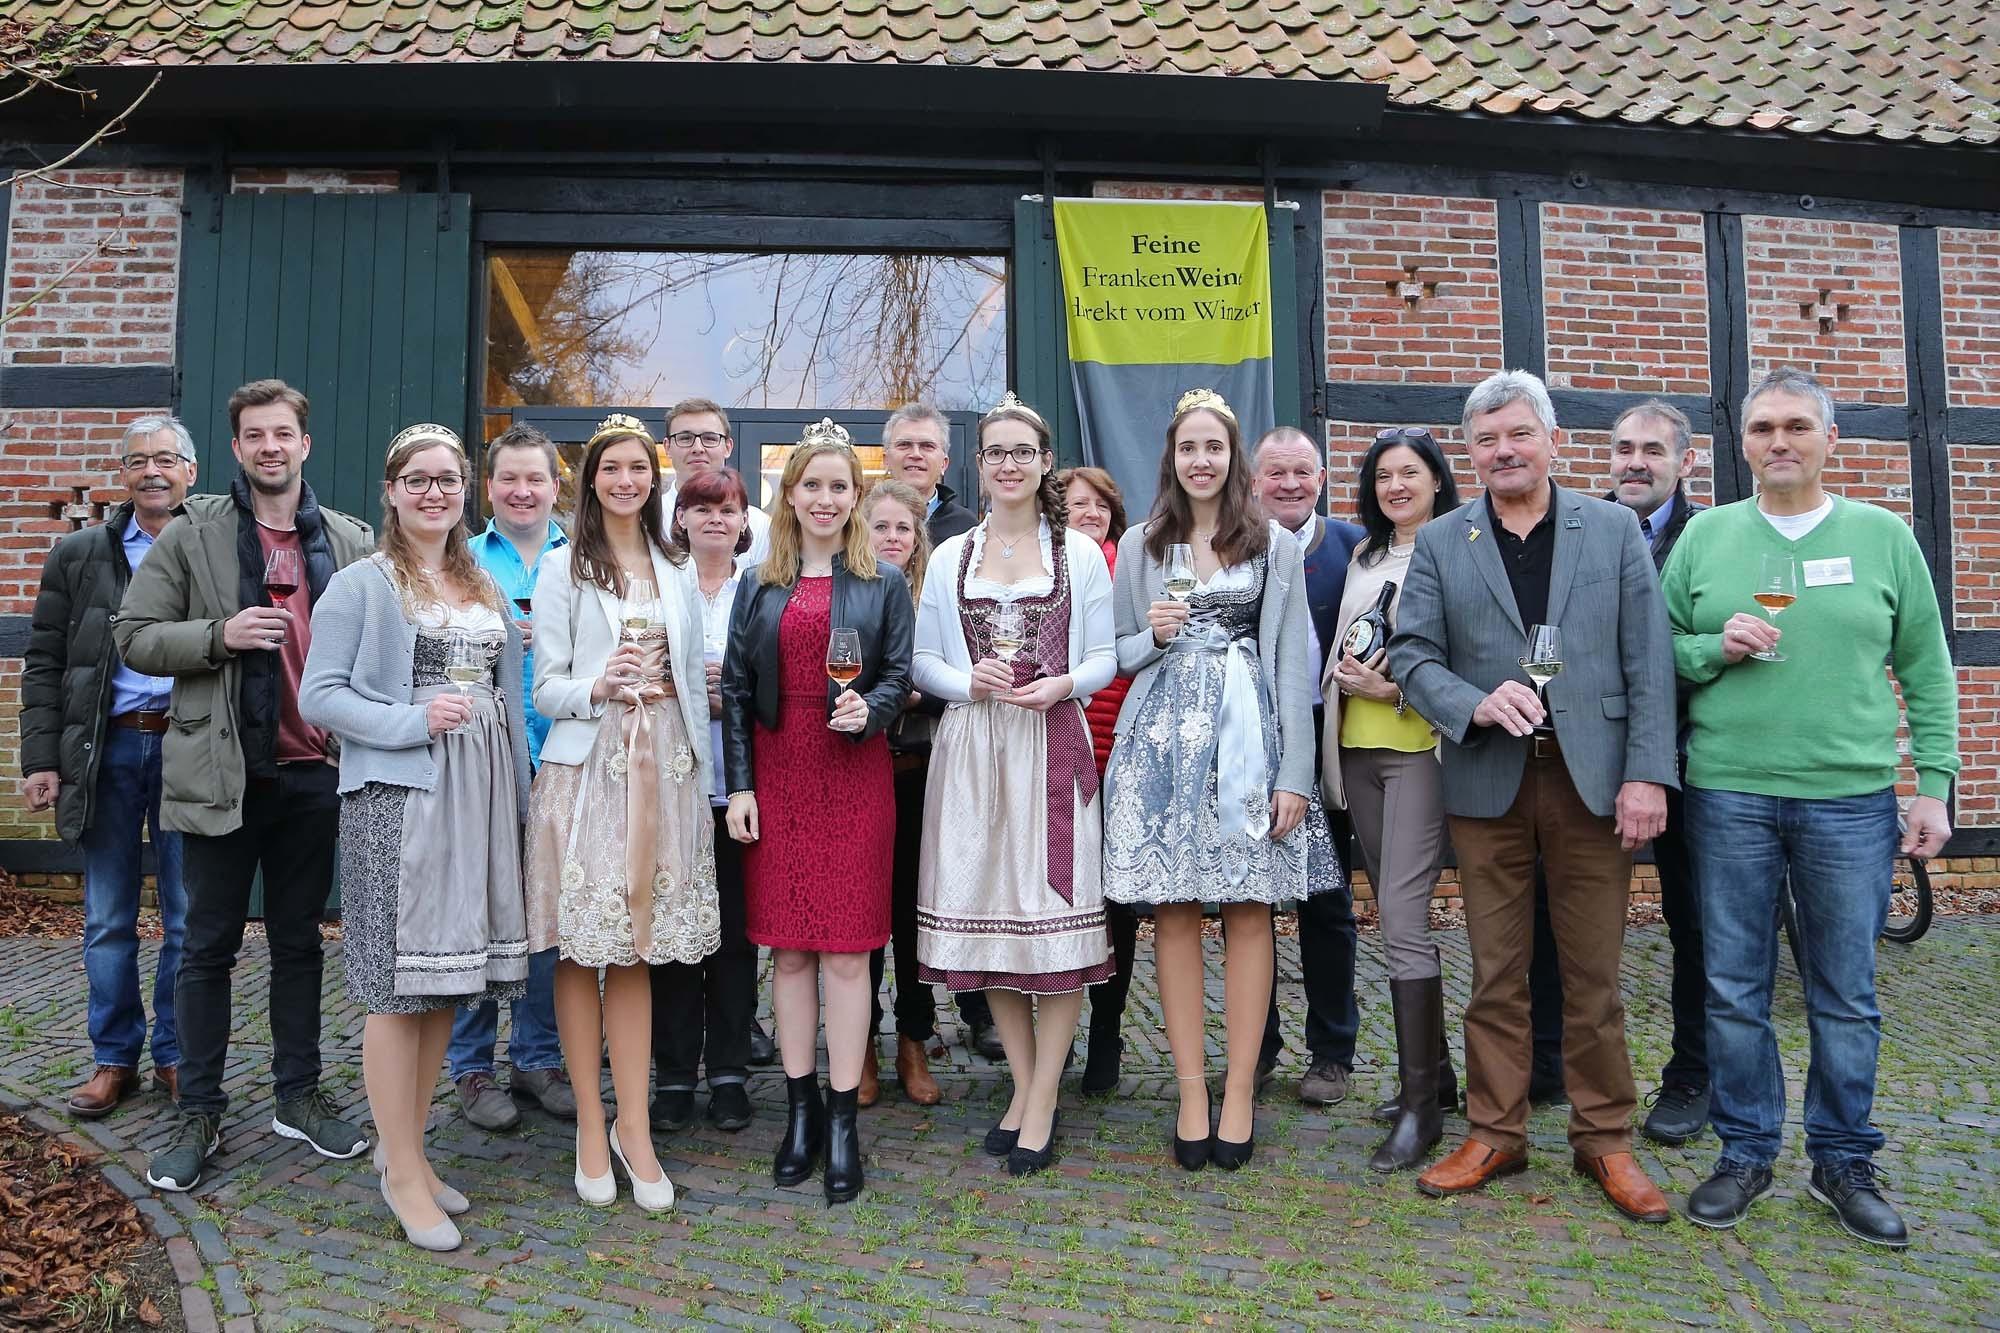 Gemeinsam mit Bürgermeister Stefan Schwenke (3.v.l.) und den Weinprinzessinnen Teresa Diener (v.l., Erlenbach), Loraine Hock (Karlburg), Selina Dusold (Oberschwarzach) und Annika Burkard (Stetten) sowie der Fränkischen Weinkönigin Klara Zehnder (m.) eröffnete Bruno Bruno Kohlmann, 1. Vorsitzender des Fränkischen Gewächses, die 14. Frankenwein-Vernissage in Worpswede. Foto: Rudi Merkl